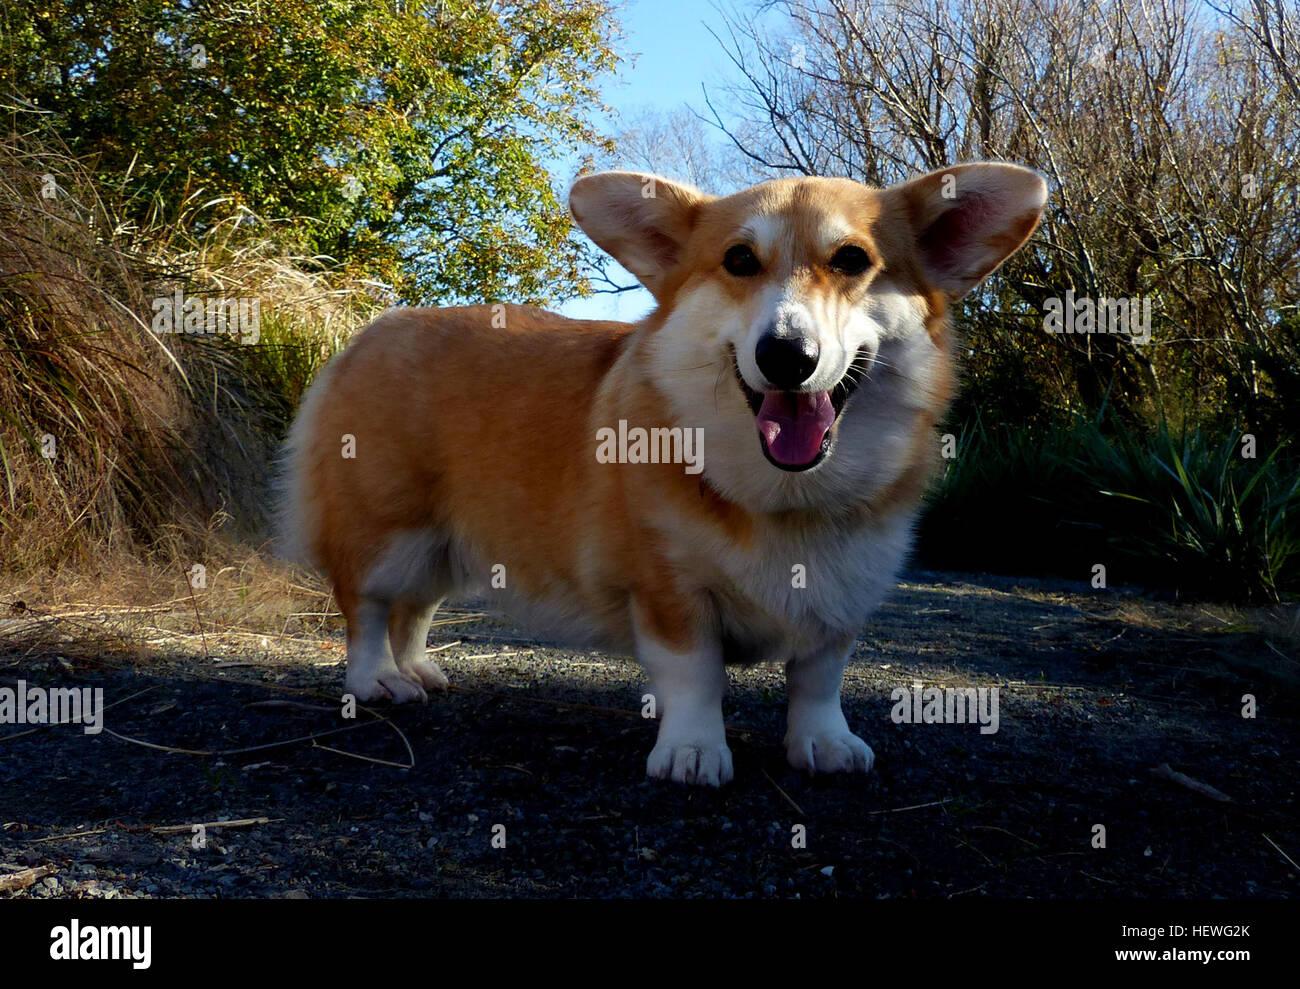 El Pembroke Welsh Corgi es una raza de perros de pastoreo, que se originó en Pembrokeshire (Gales). Es uno de dos razas conocidas como Welsh Corgi: el otro es el Welsh Corgi Cardigan. El Pembroke Welsh Corgi es el menor de los dos Corgi razas y es una raza distinta y separada del Cardigan.[1] El corgi es uno de los más pequeños perros de pastoreo en el grupo. Pembroke Welsh Corgis son famosas por ser la raza preferida de la Reina Elizabeth II, que posee más de 30 durante su reinado. Estos perros se han visto favorecidas por la realeza británica durante más de 70 años. Foto de stock